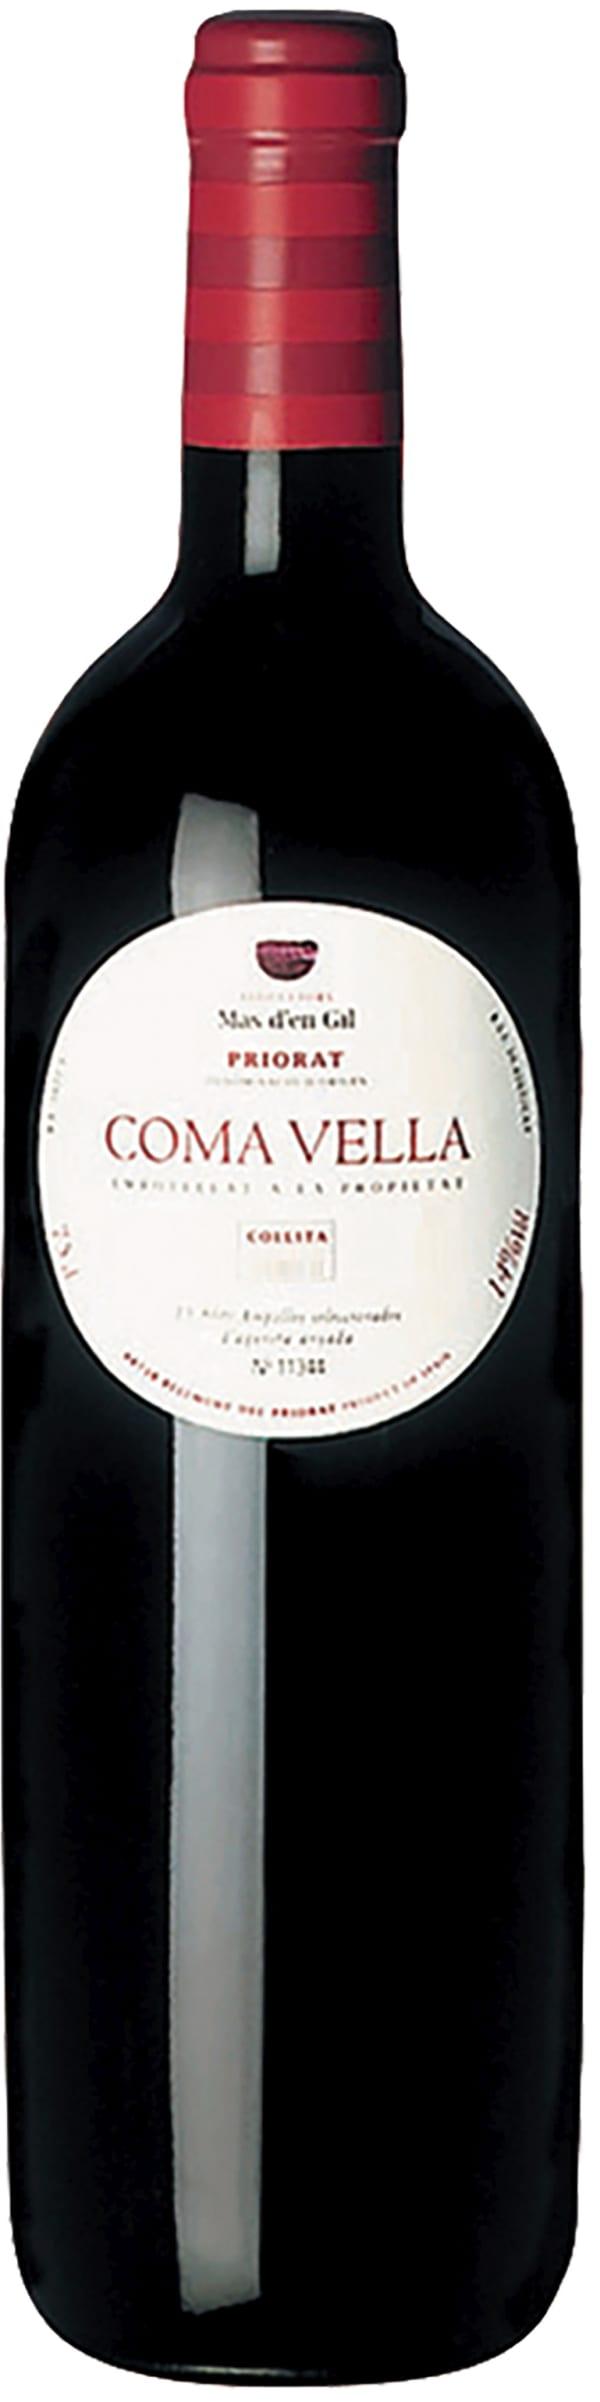 Coma Vella 2014